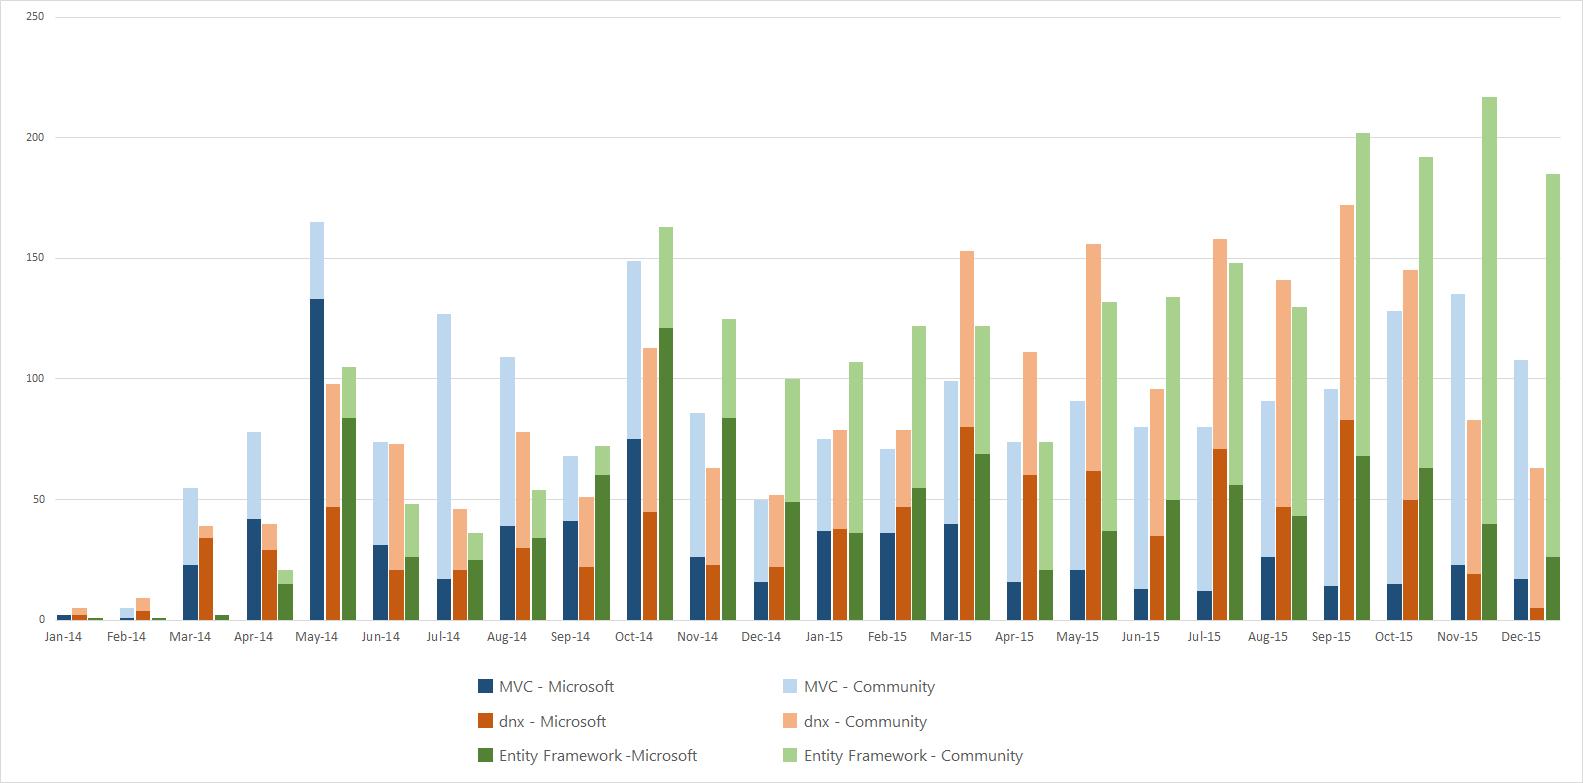 每月问题数 - 按提交者(微软或社区)